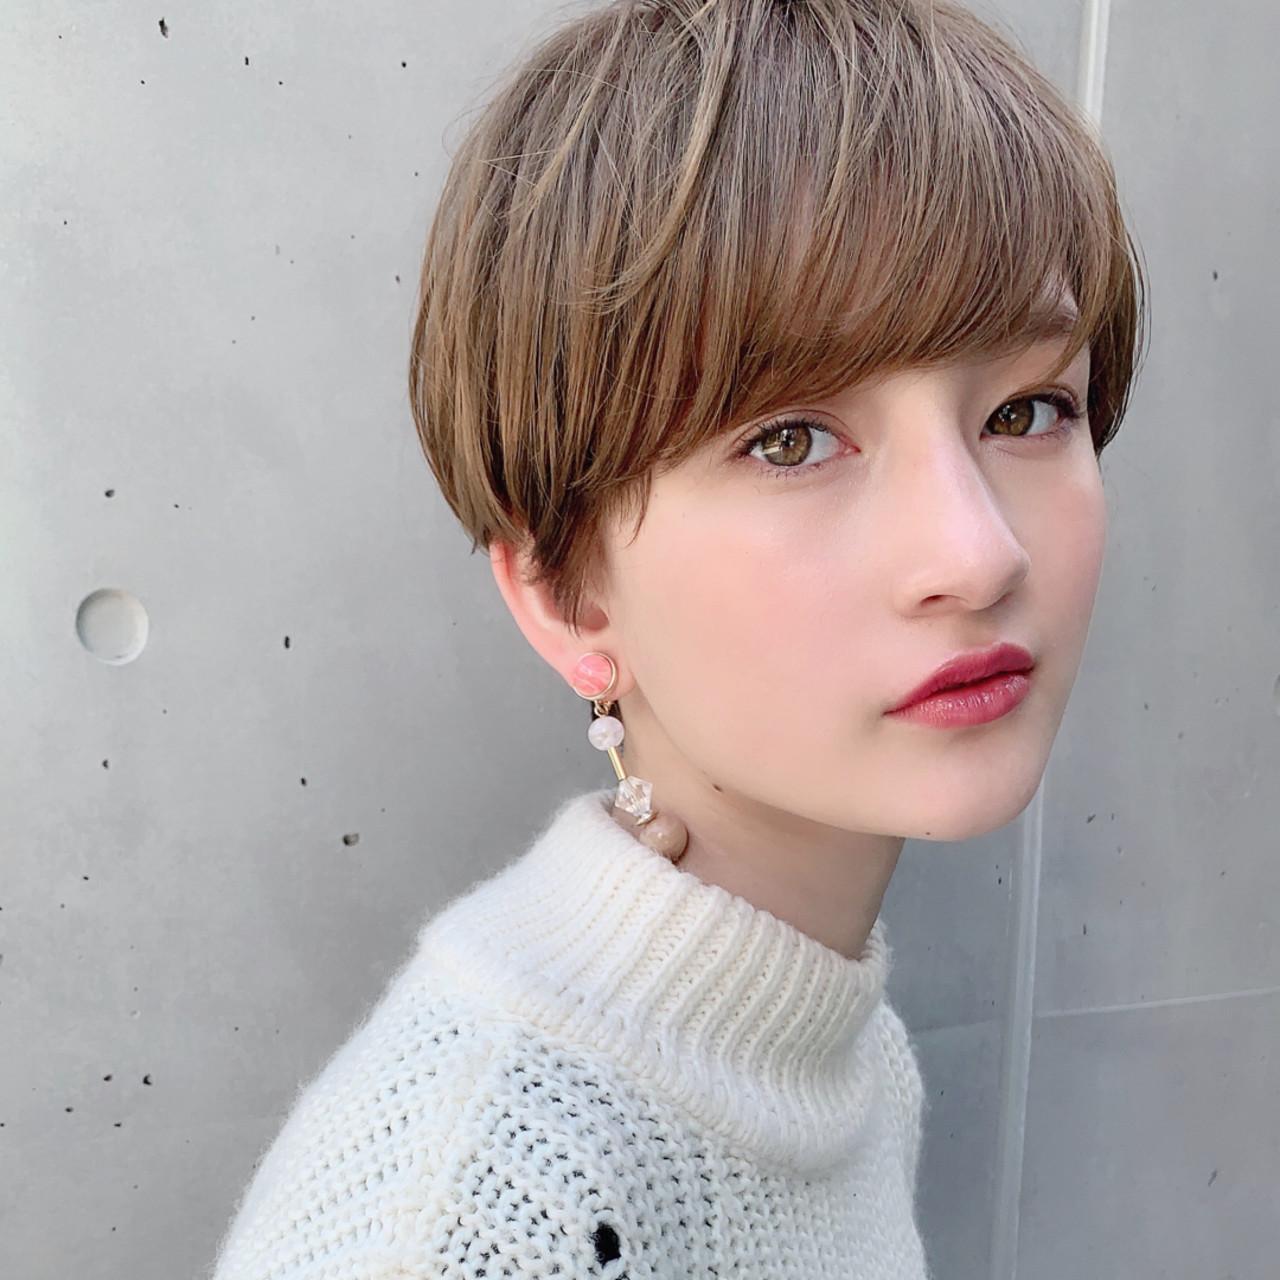 オフィス ショート パーマ ヘアアレンジ ヘアスタイルや髪型の写真・画像 | ショートボブの匠【 山内大成 】『i.hair』 / 『 i. 』 omotesando